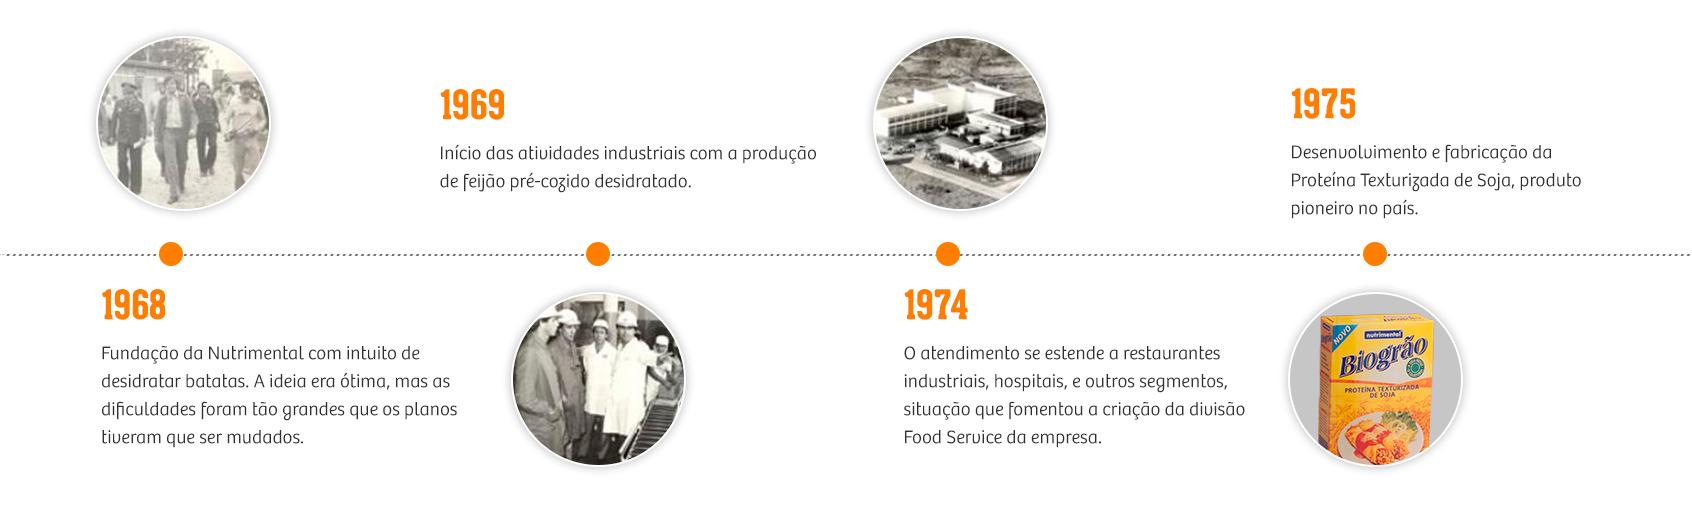 Nossa História - Nutrimental